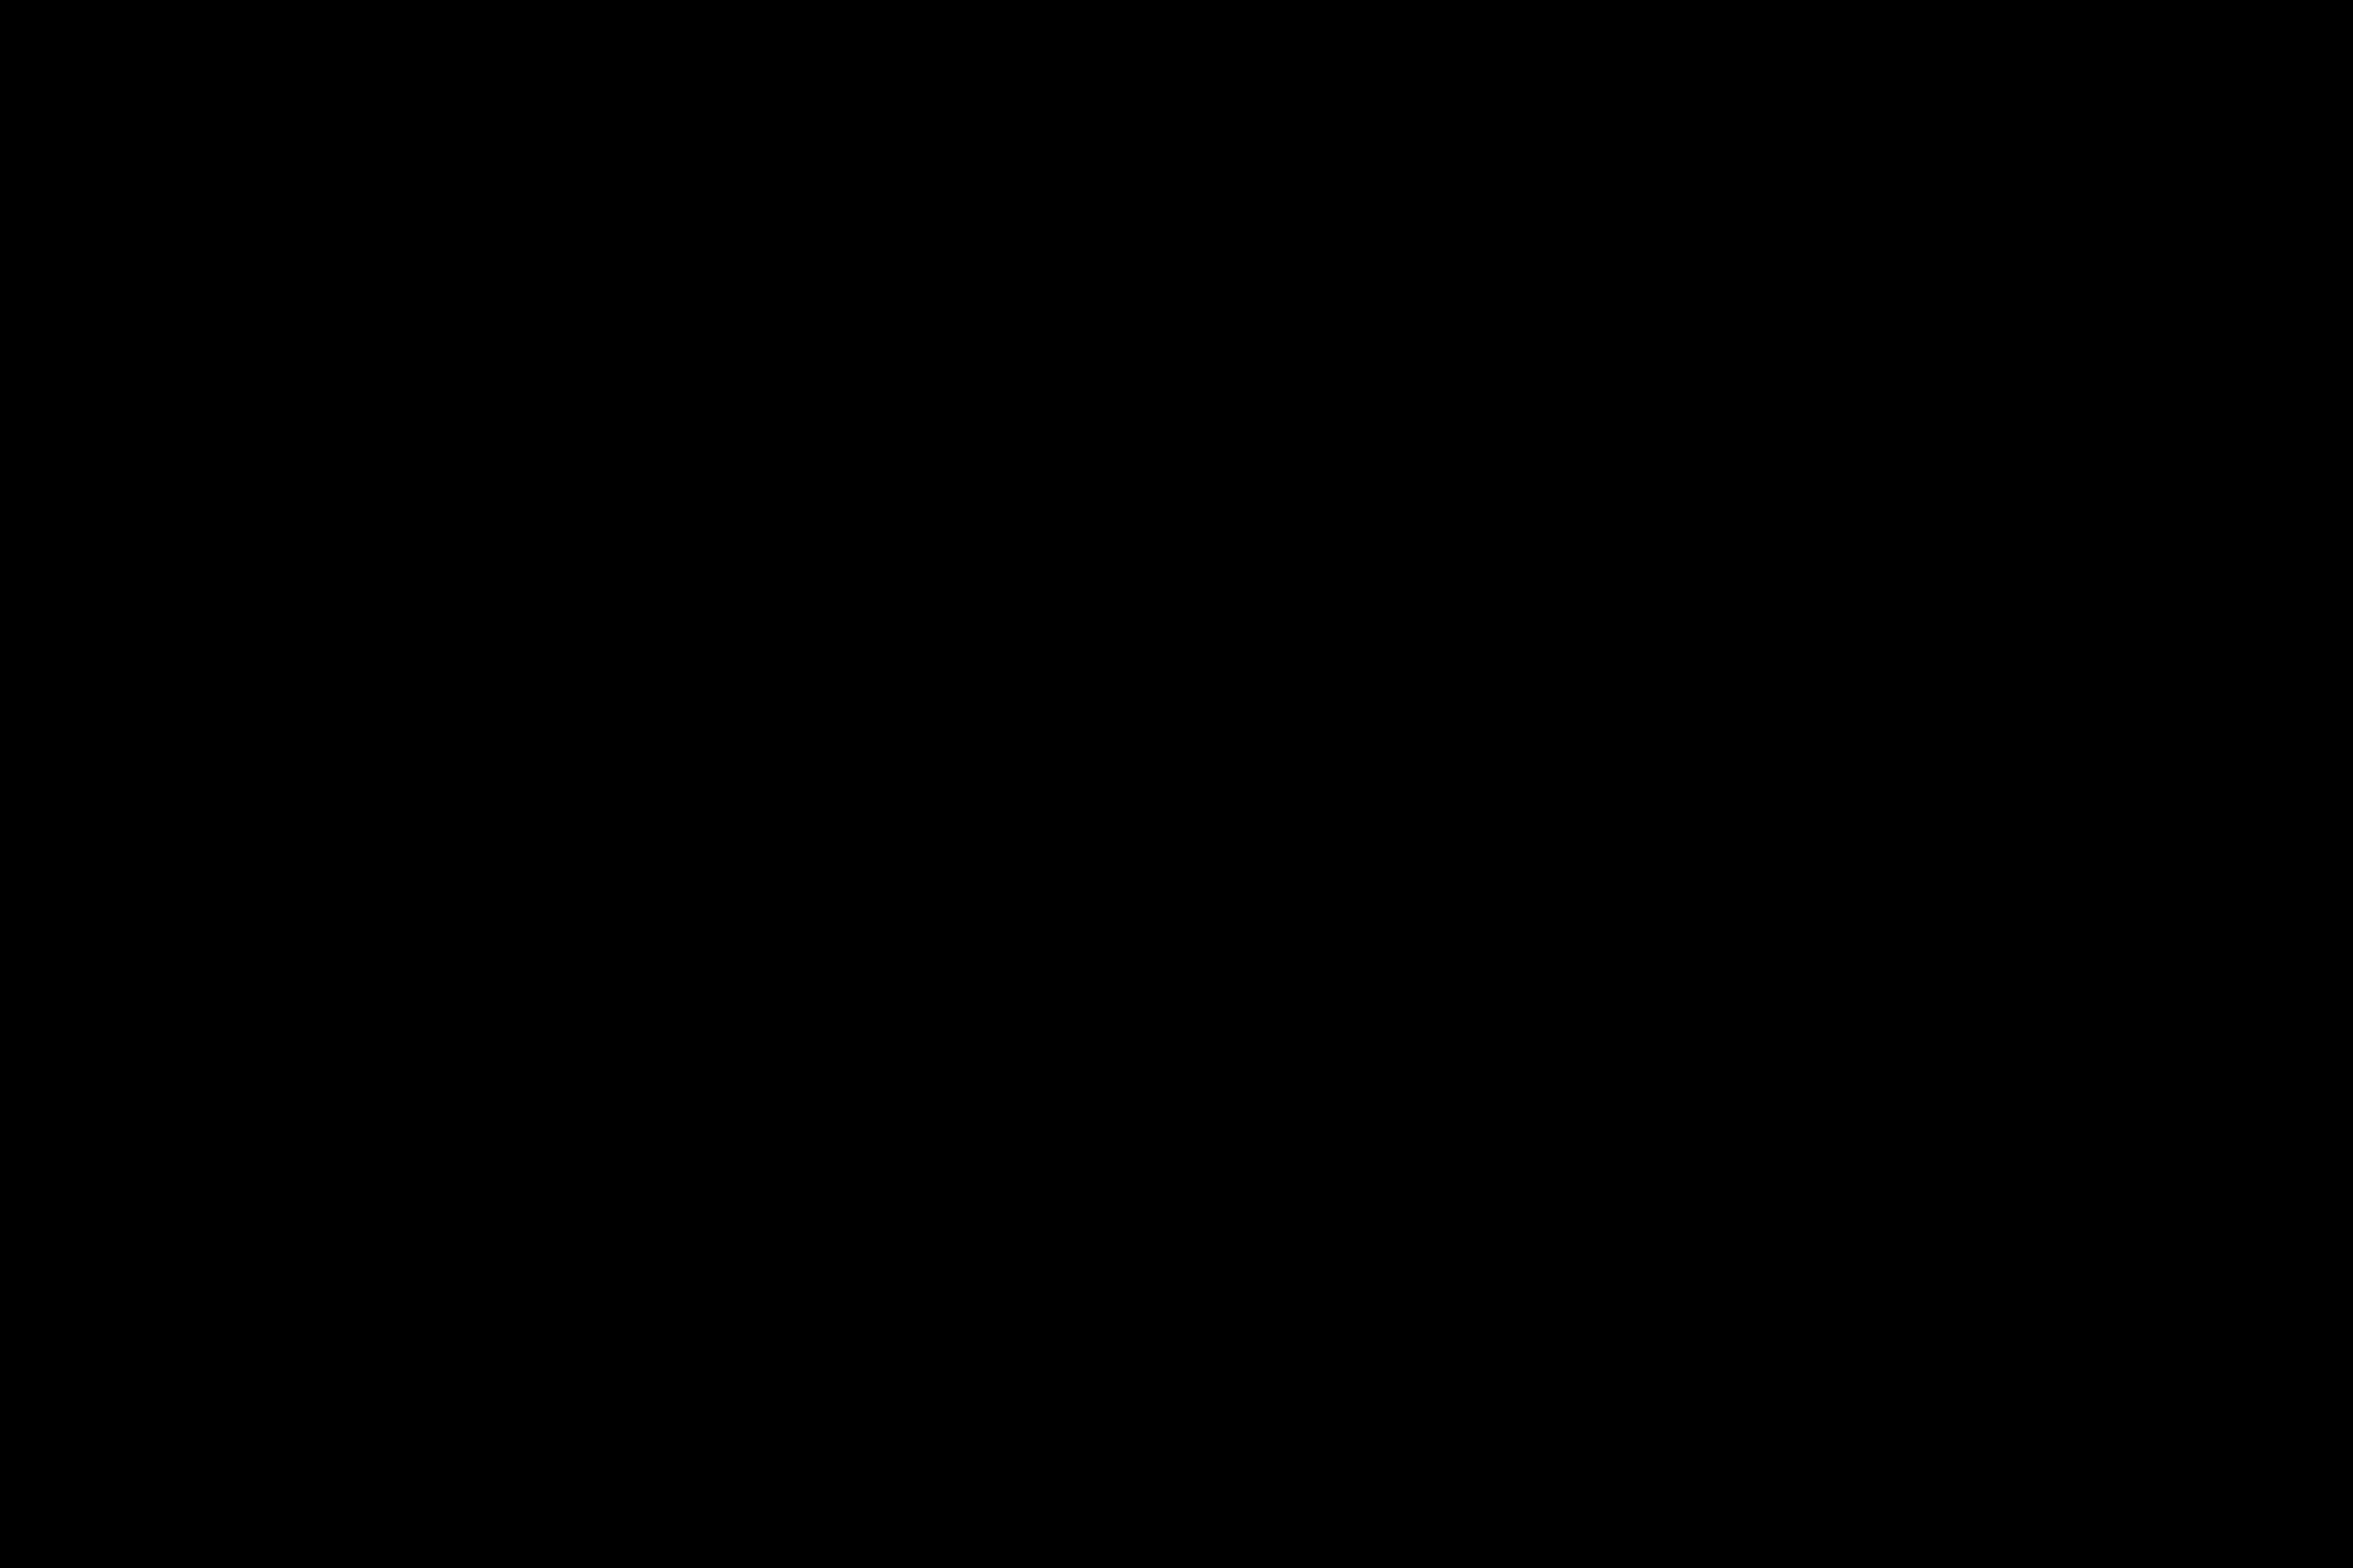 Bag hook – PX, T5, Sprint, PV, V50 (Black)